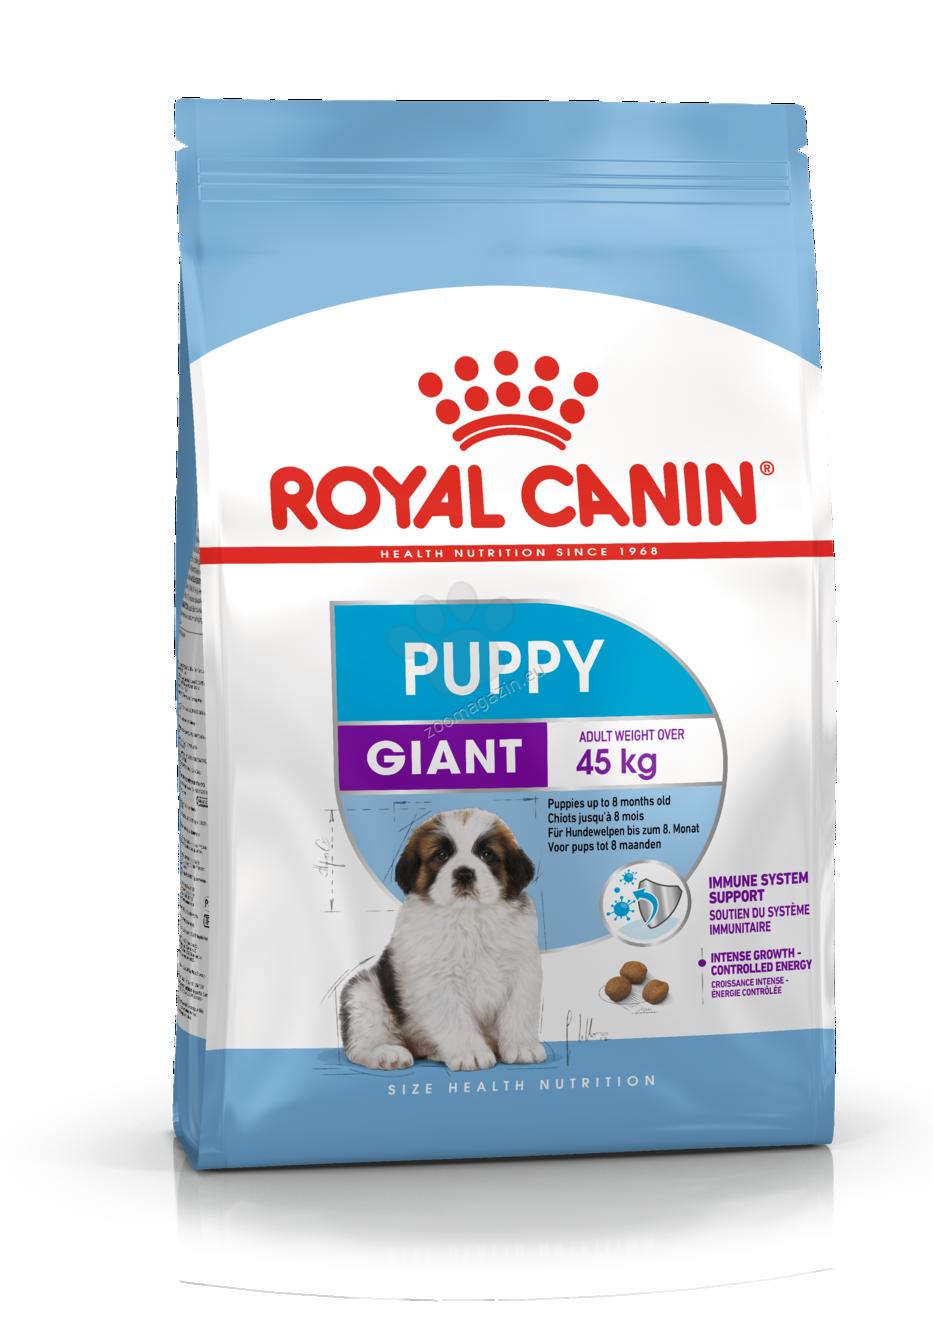 Royal Canin Giant Puppy - пълноценна кучешка храна за кученца от гигантски породи с тегло в зряла възраст над 45 кг., до 8 месечна възраст 4 кг.